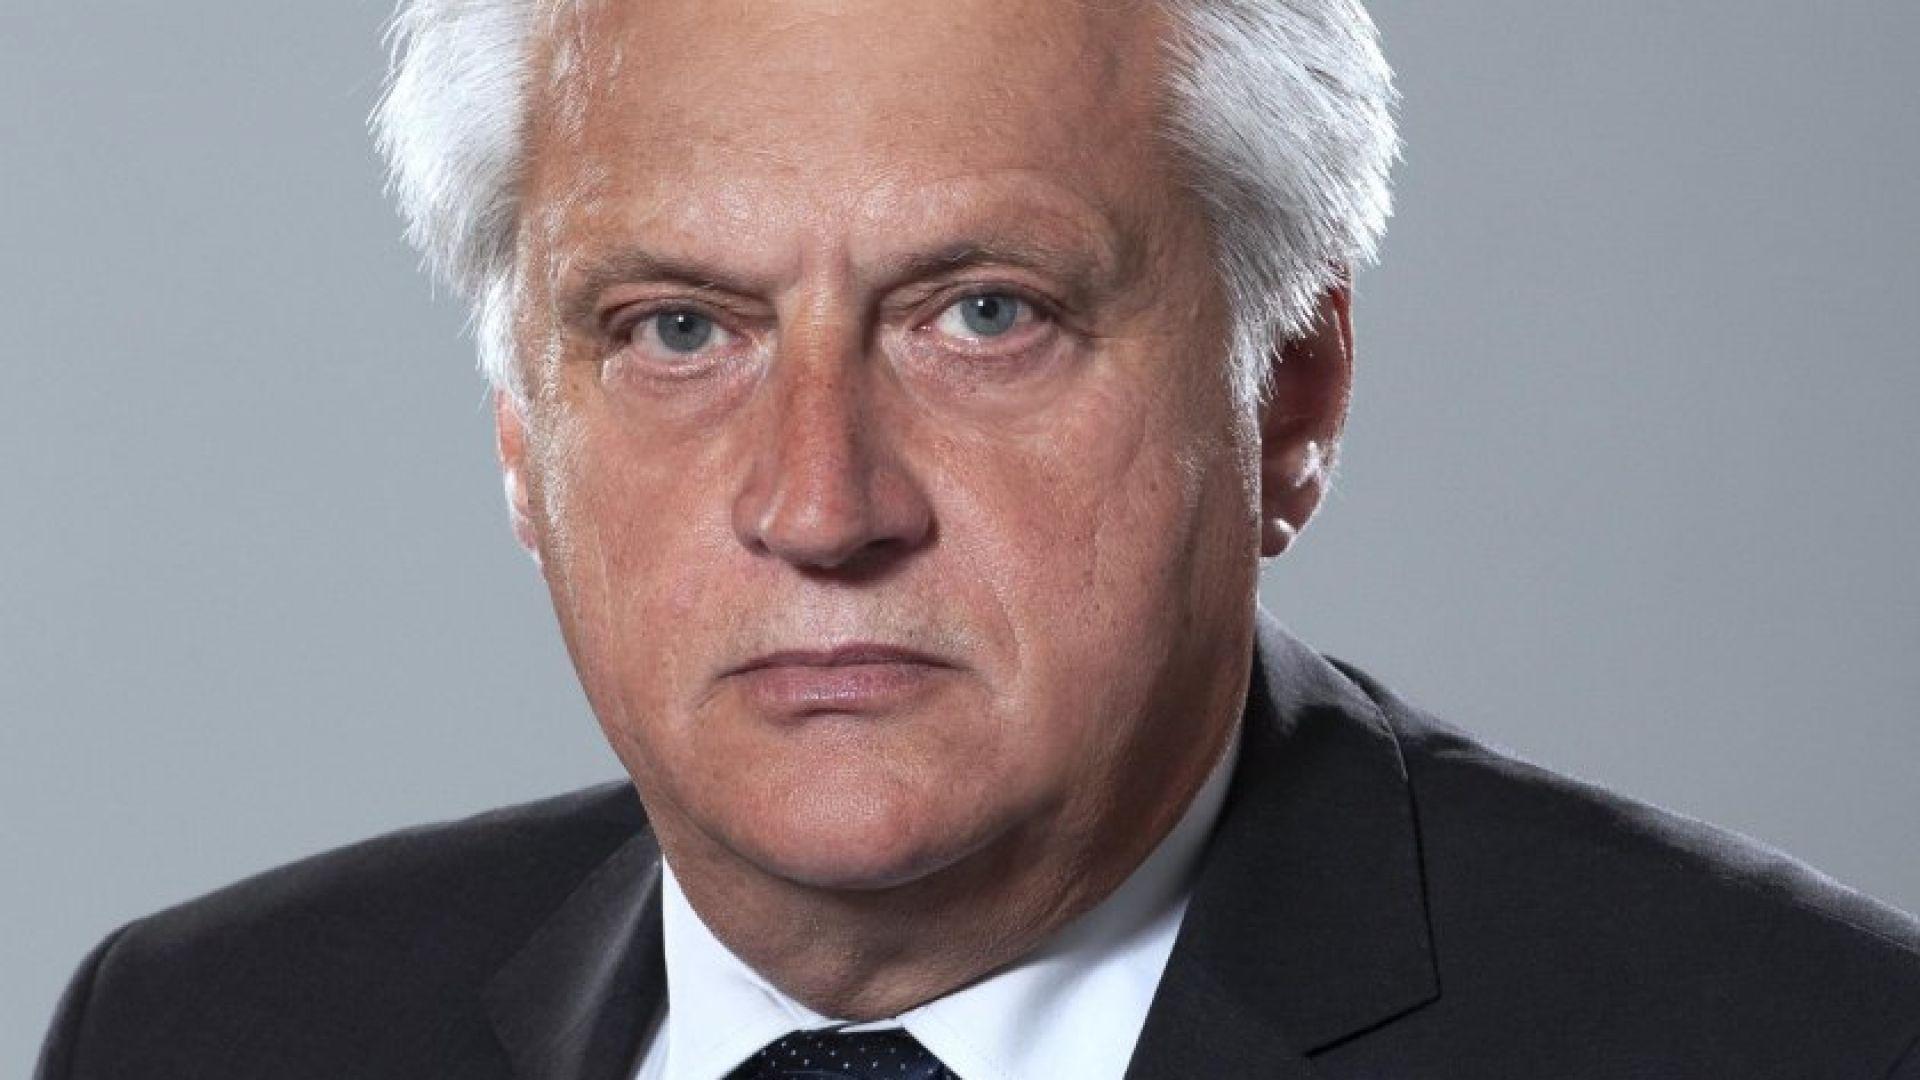 Бойко Рашков, вицепремиер по обществен ред и сигурност и министър на вътрешните работи